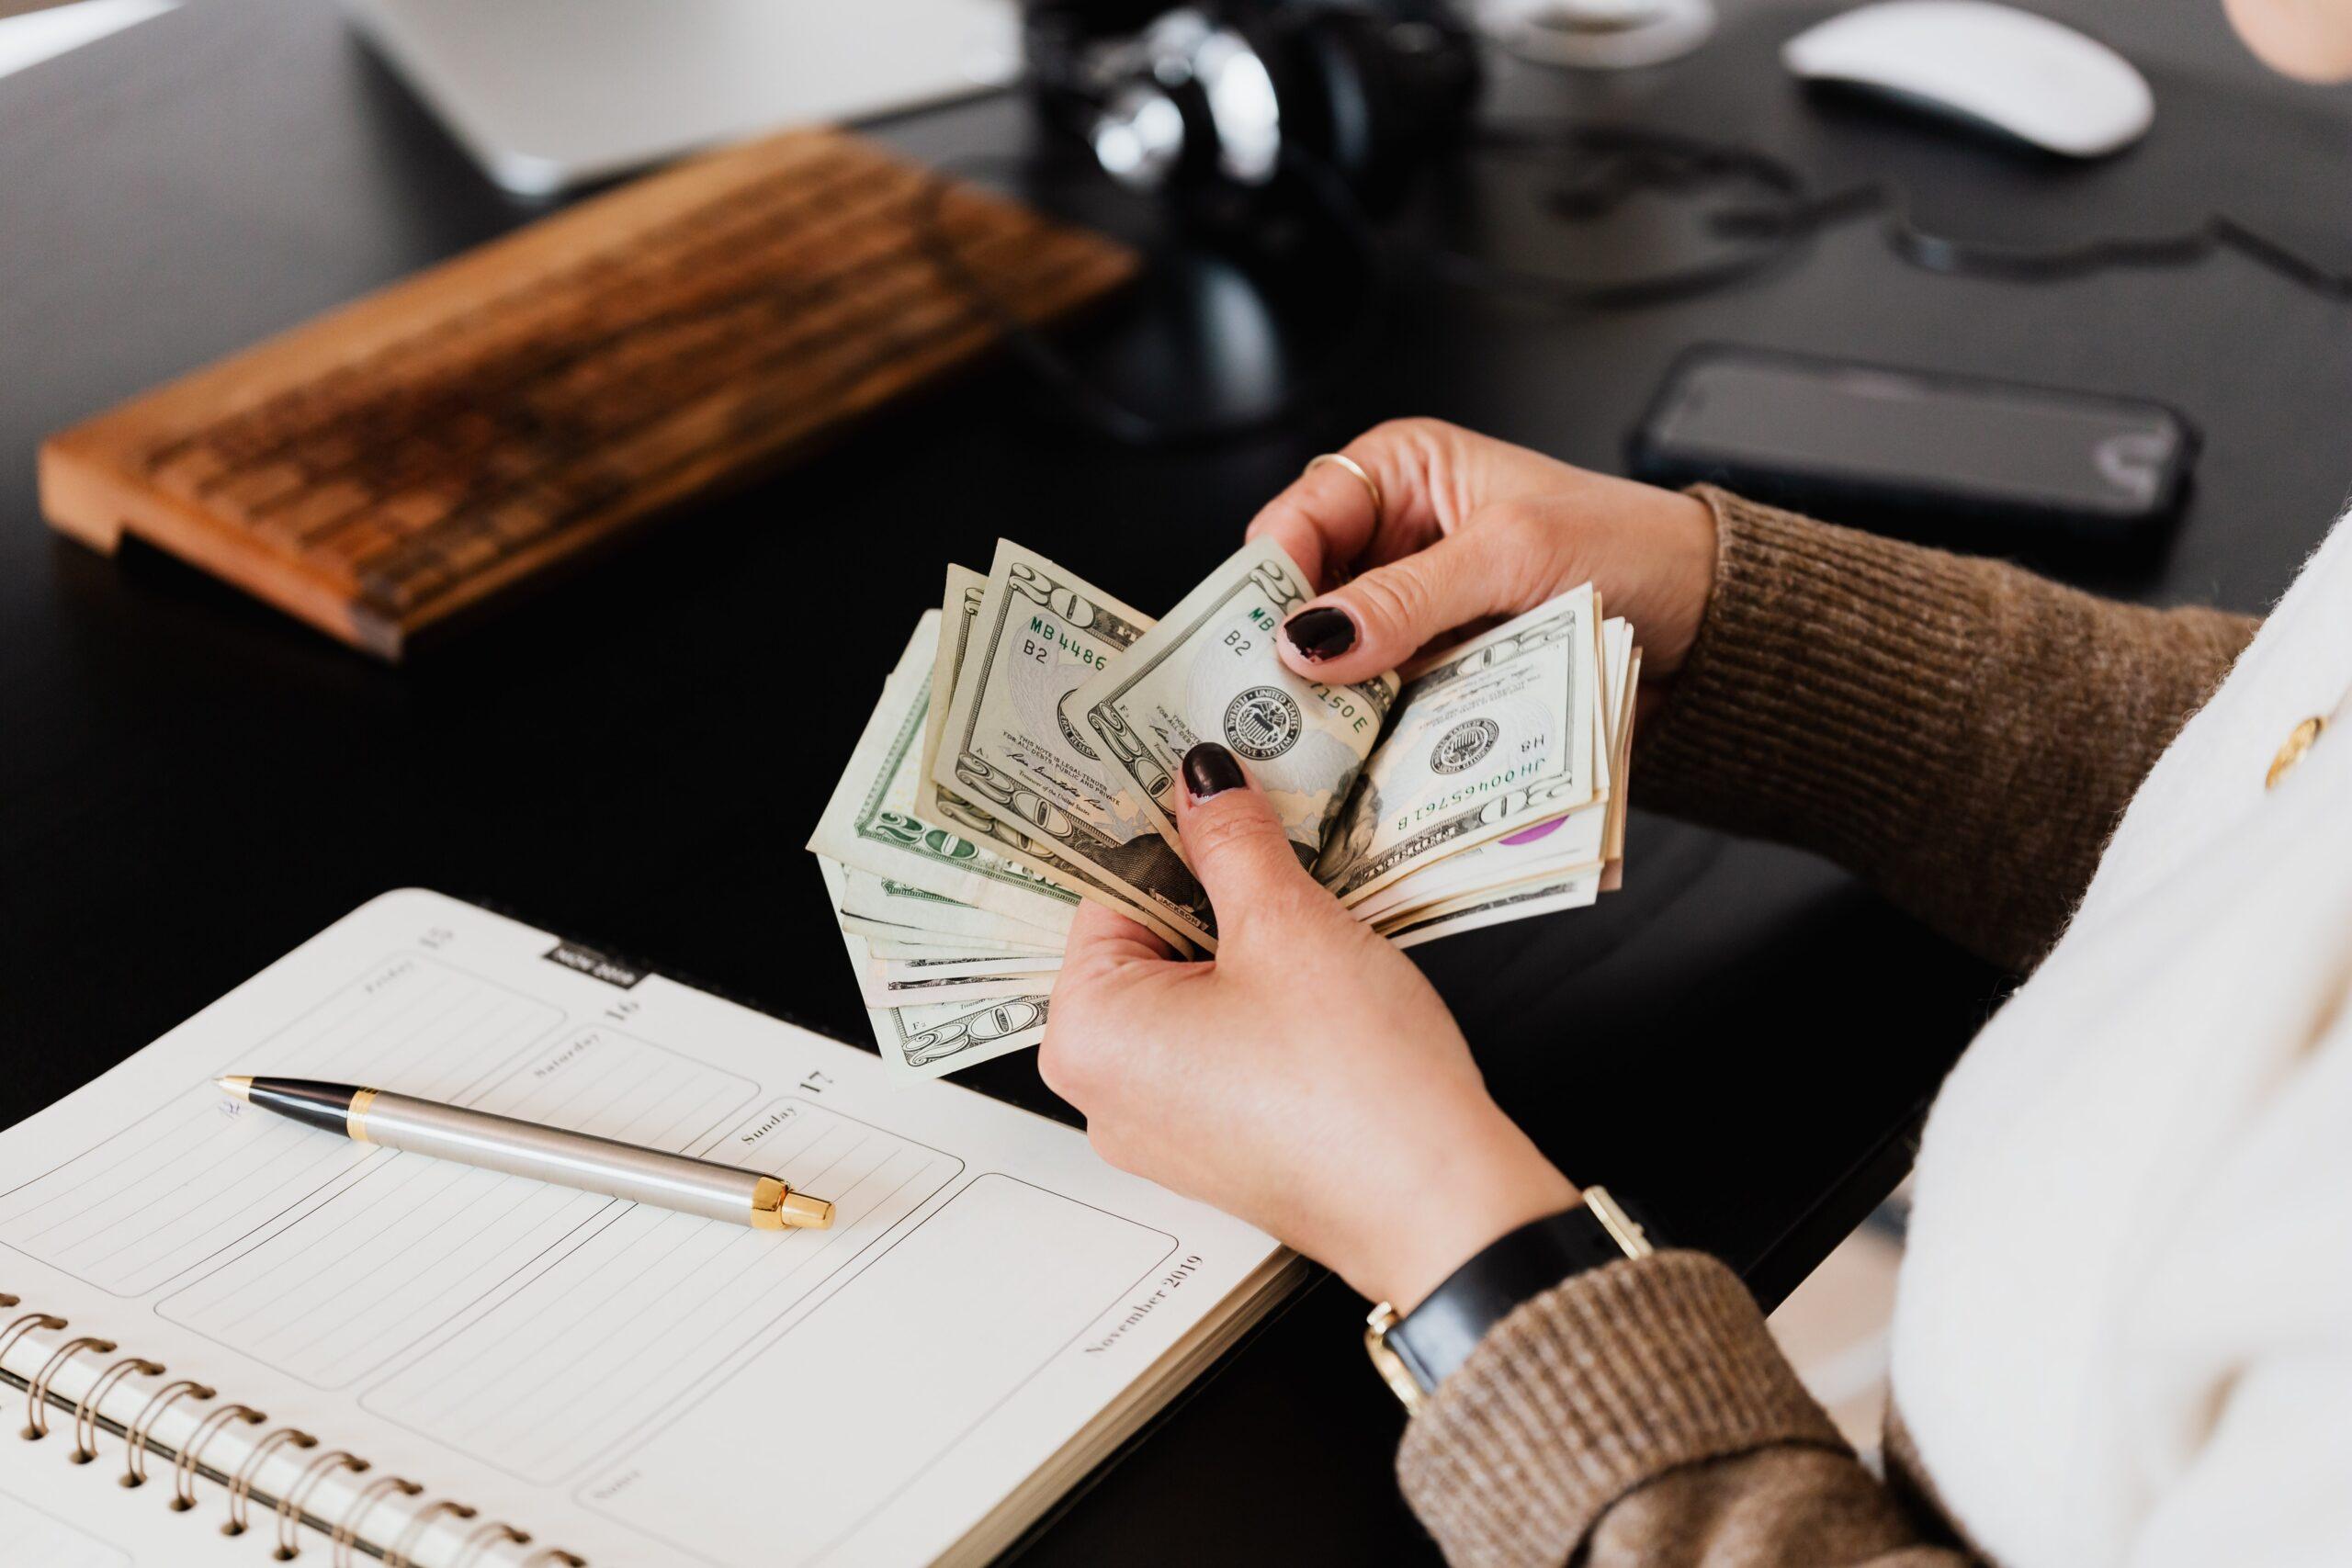 少額の売掛債権でも早期資金化できるファクタリング業者を徹底解説